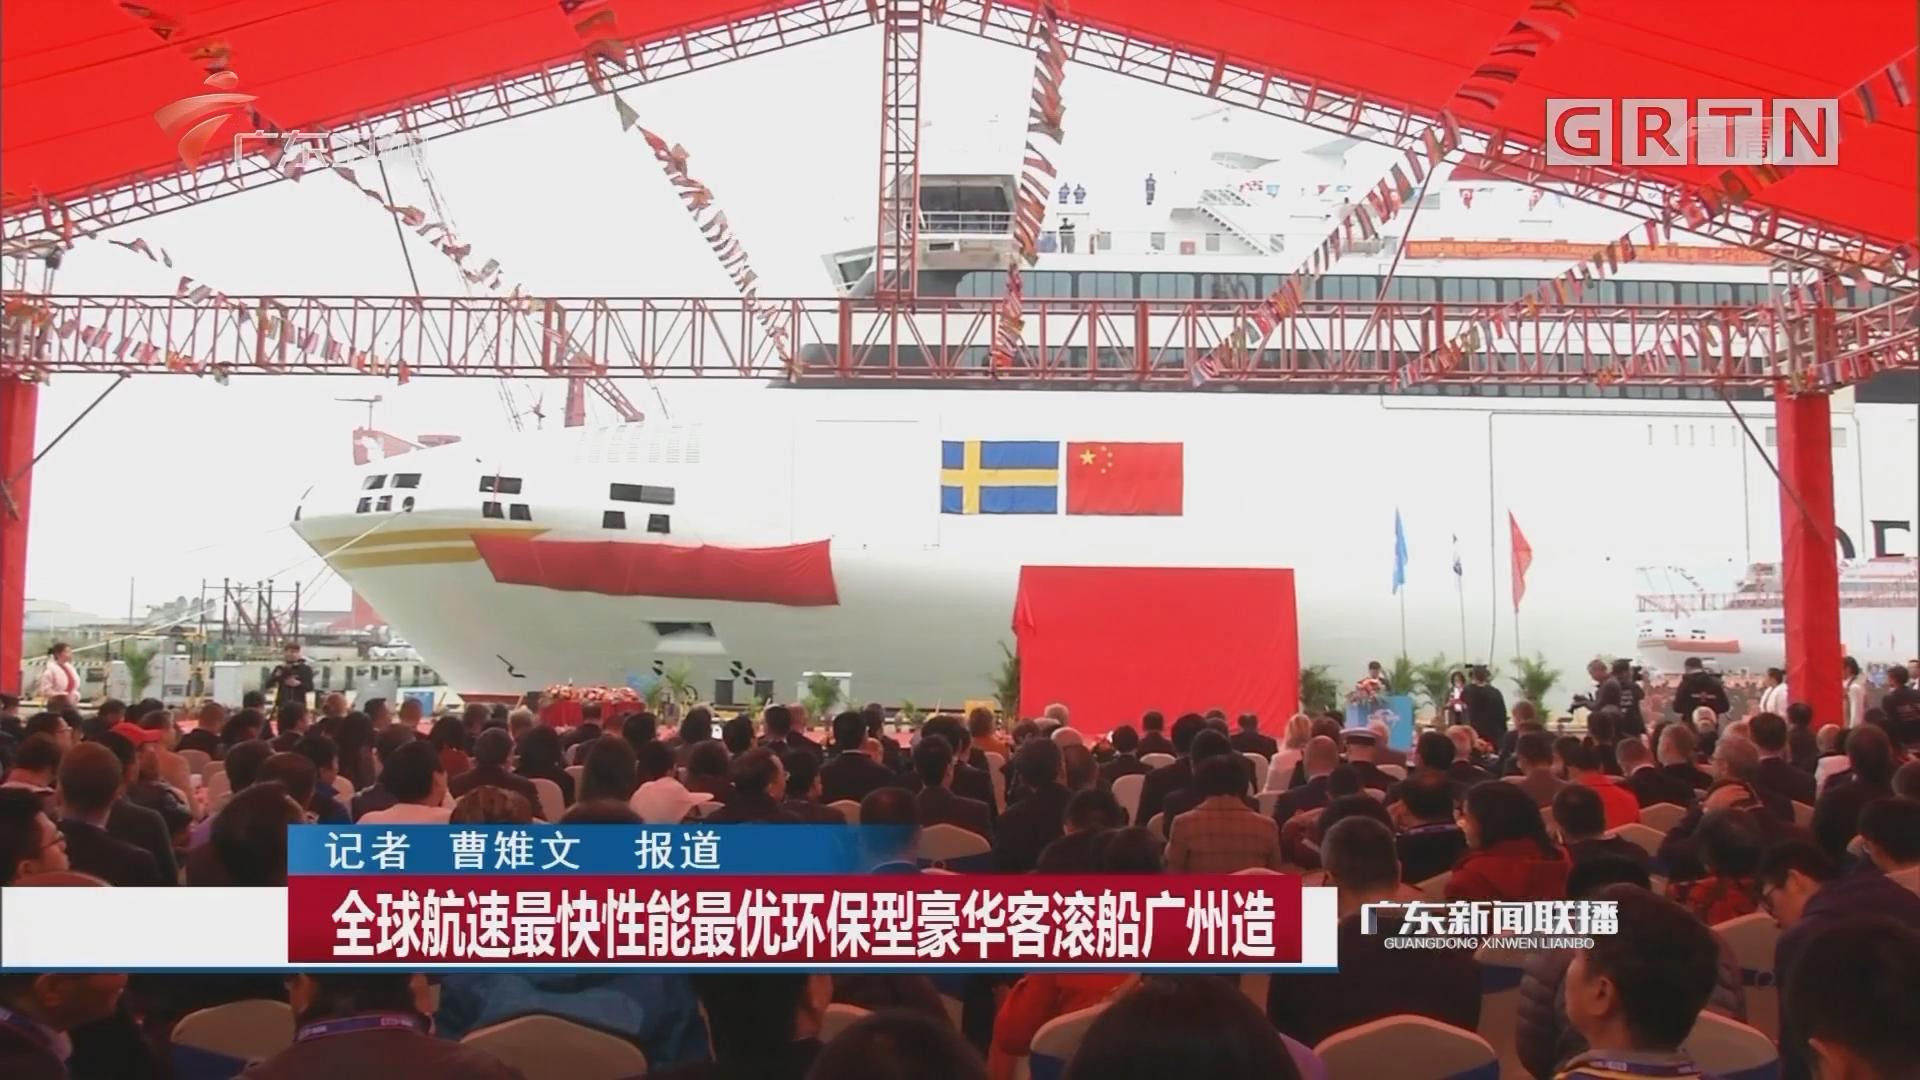 全球航速最快性能最优环保型豪华客滚船广州造